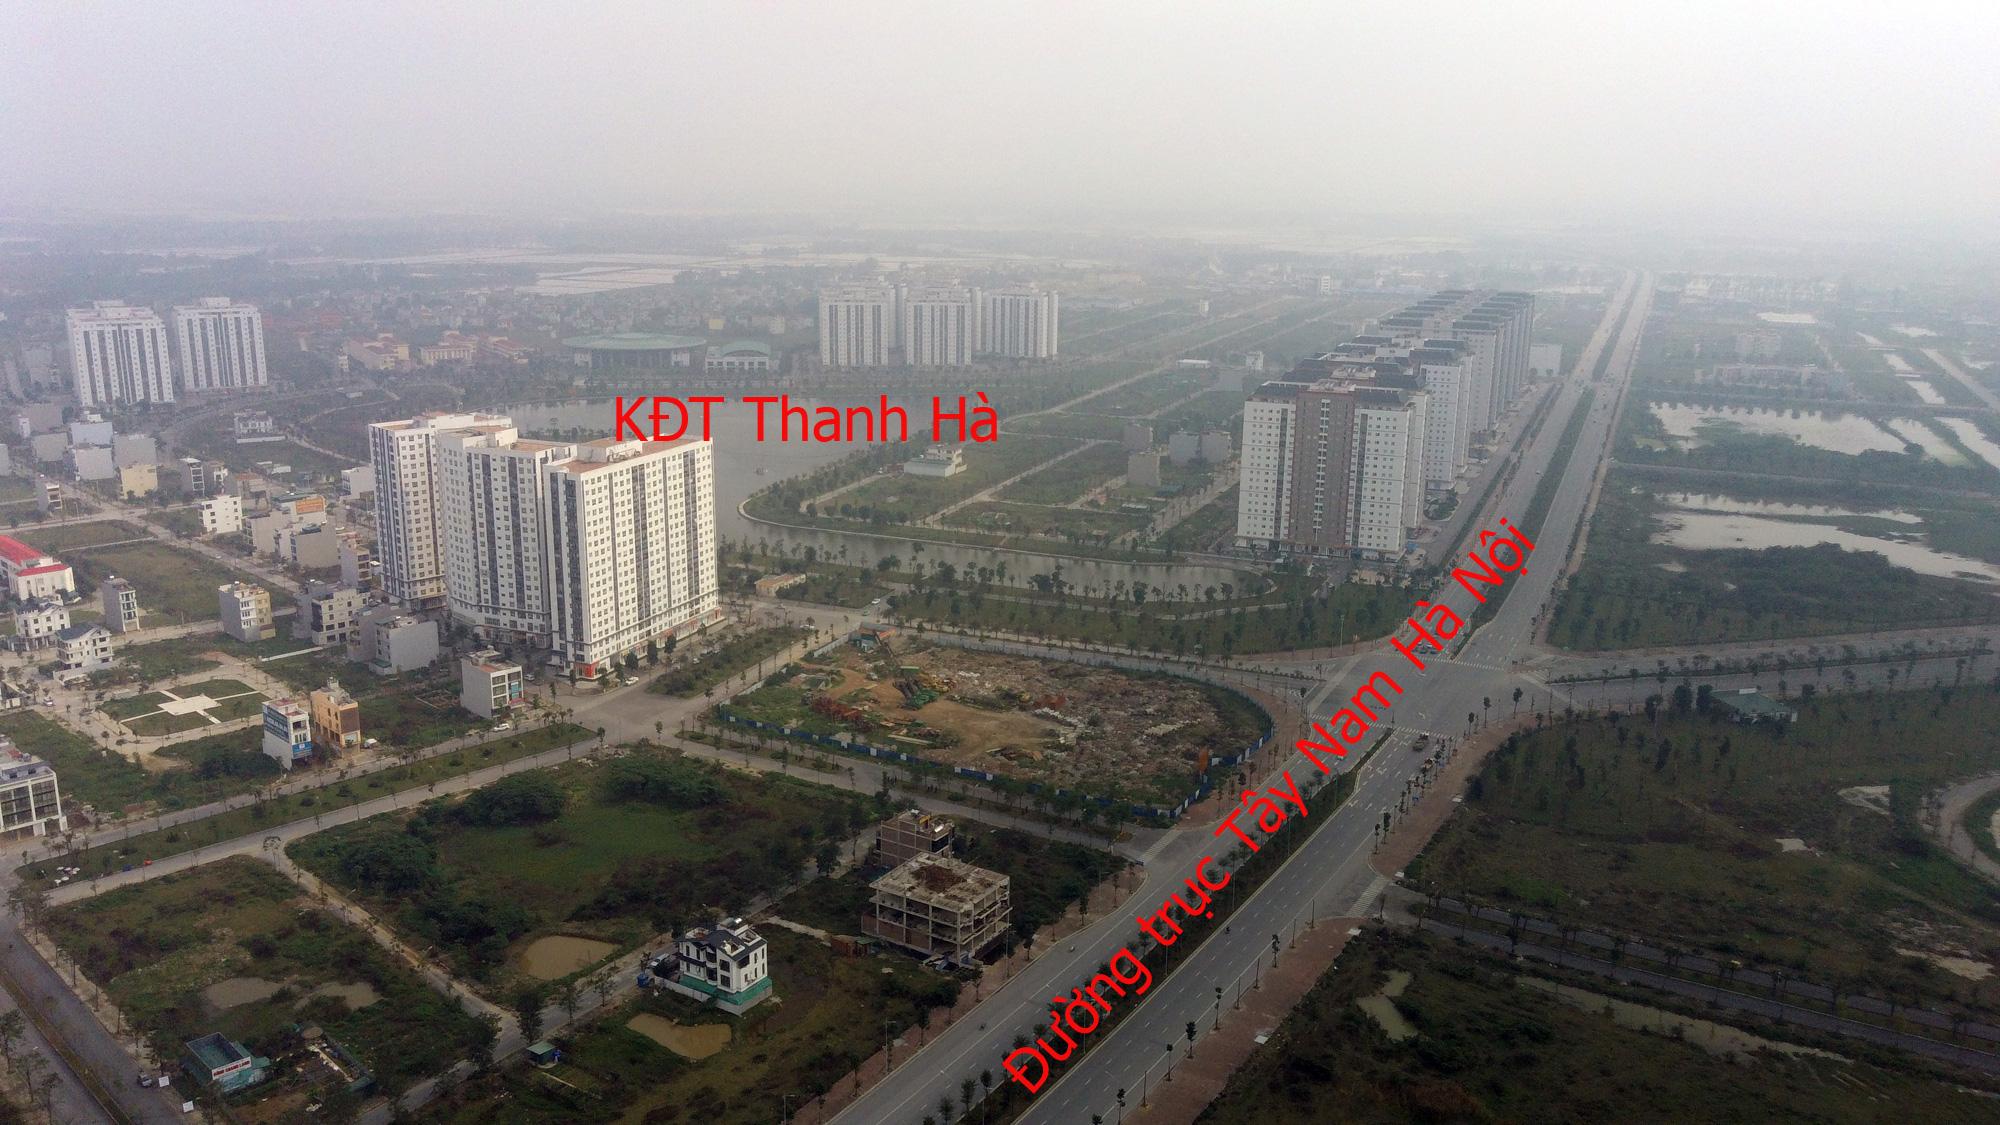 Những dự án 'đón' qui hoạch đường trục Tây Nam Hà Nội qua KĐT Thanh Hà - Ảnh 10.